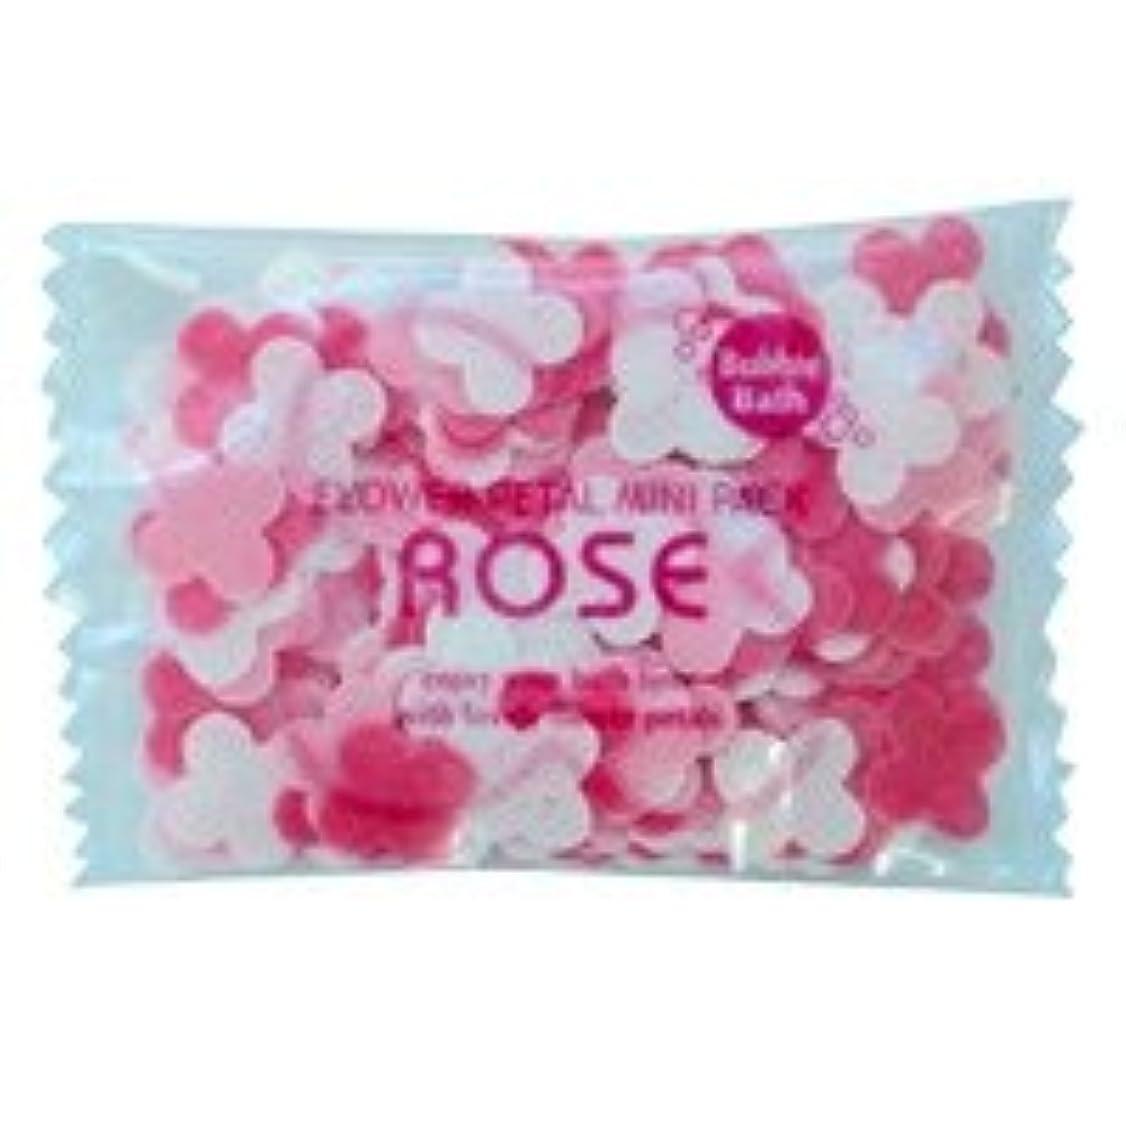 脚本ダンス違反フラワーペタル バブルバス ミニパック「ローズ」20個セット ハッピーな気分になりたい日に幸福感で包んでくれる華やかなローズの香り